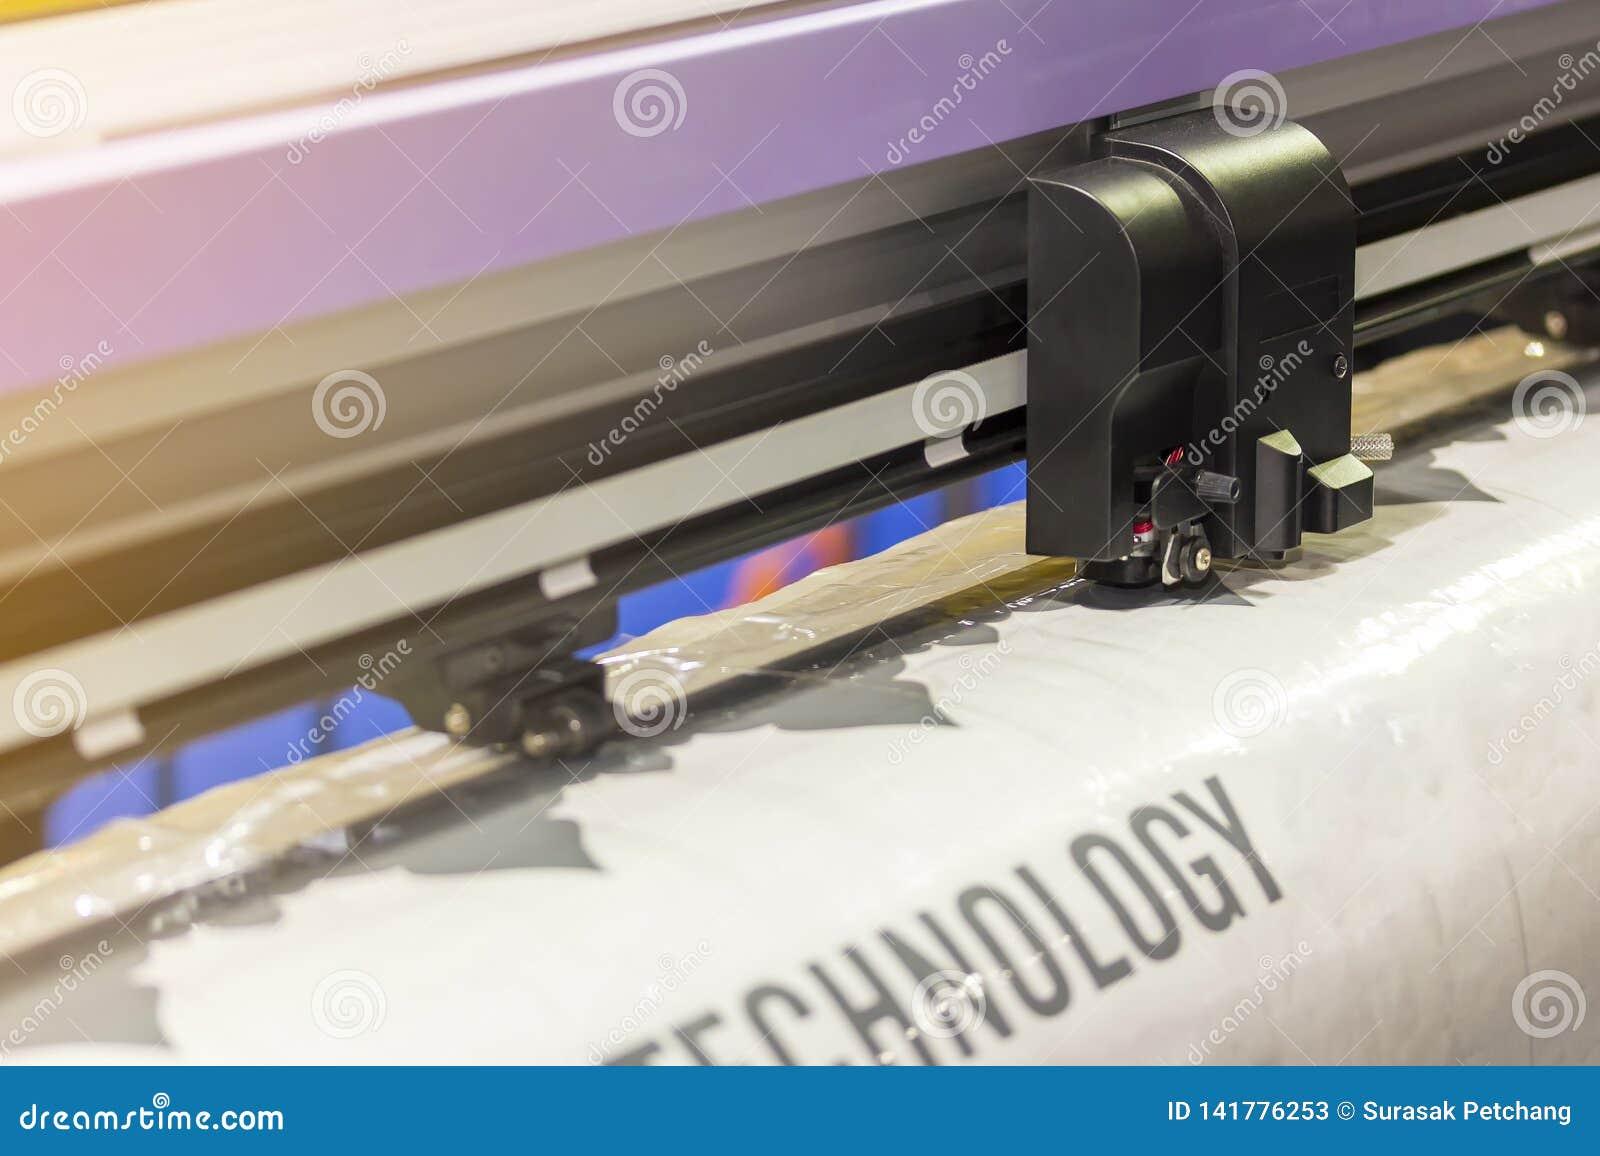 Κλείστε επάνω το κεφάλι του αυτόματου μεγάλου ή επαγγελματικού εκτυπωτή για την εργασία εκδοτικής βιομηχανίας